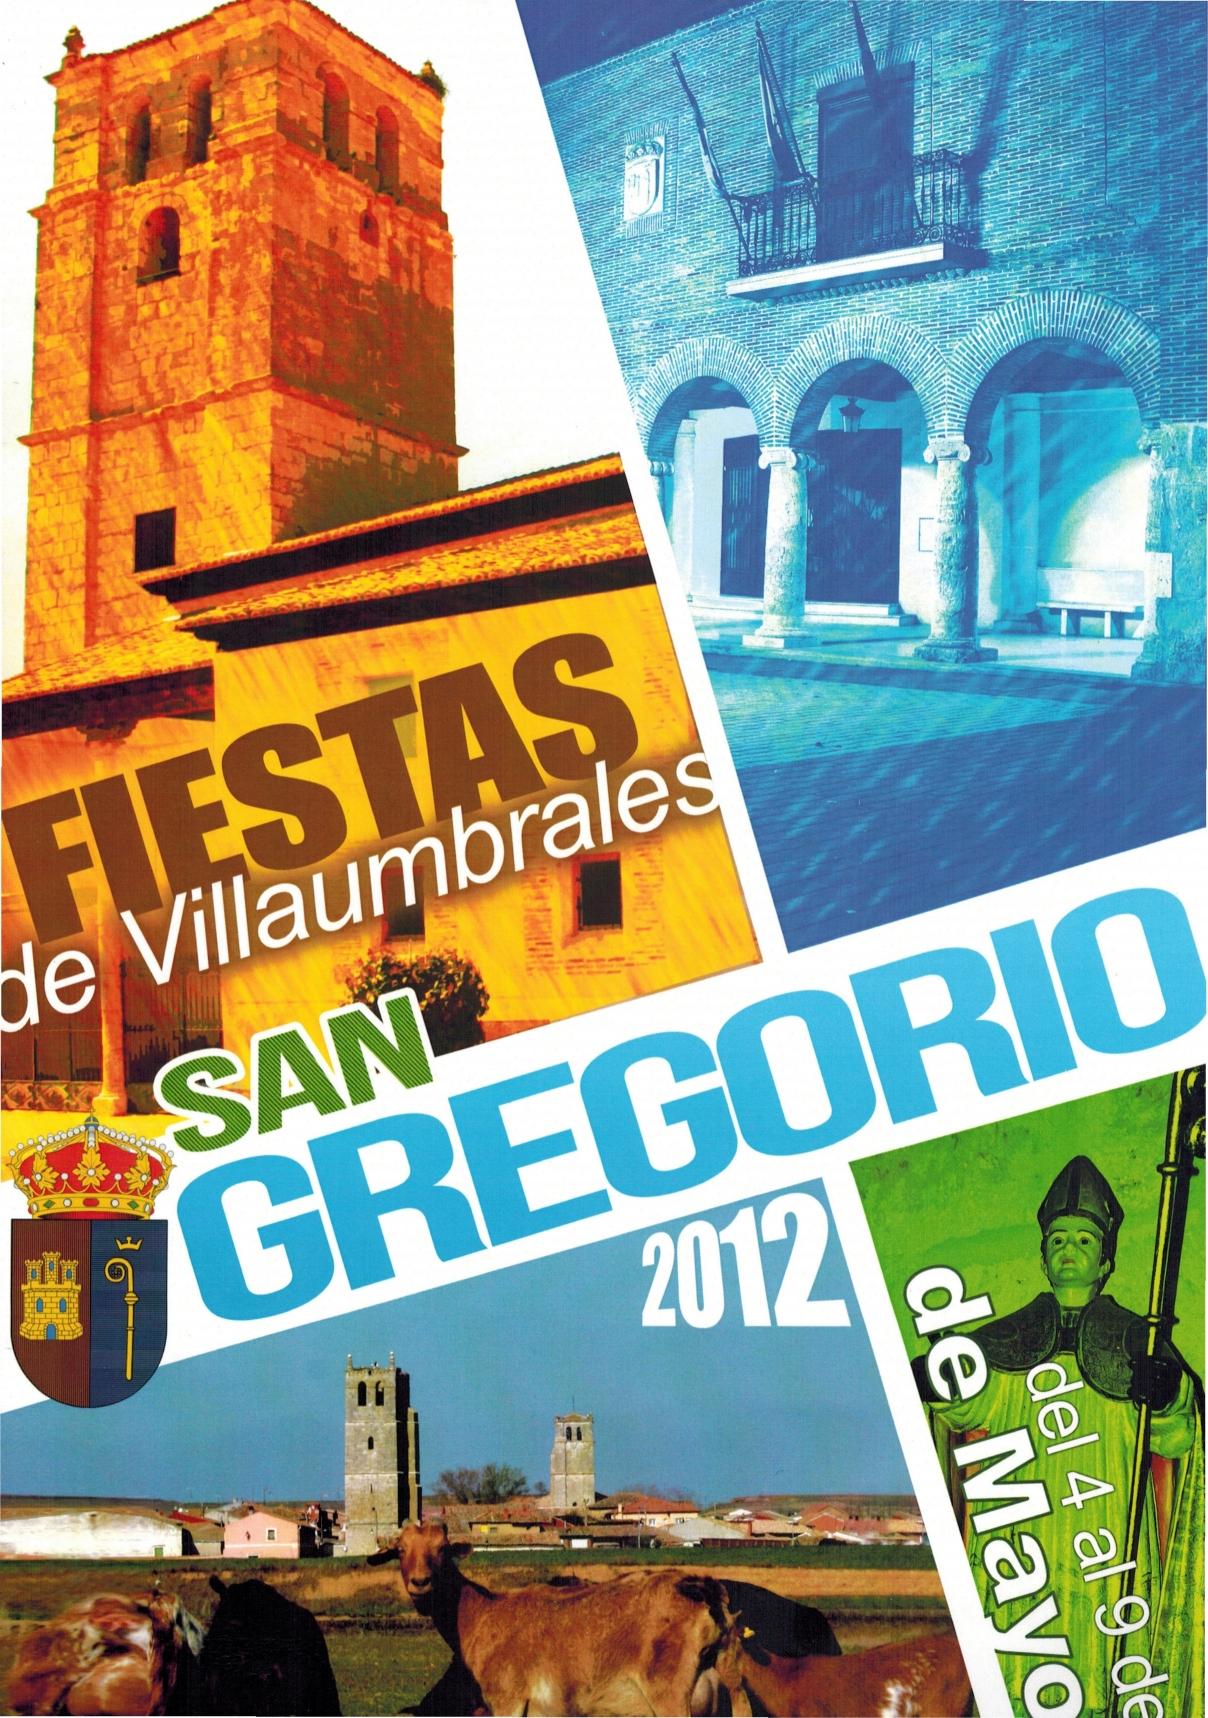 Programa de Fiestas San Gregorio 2012